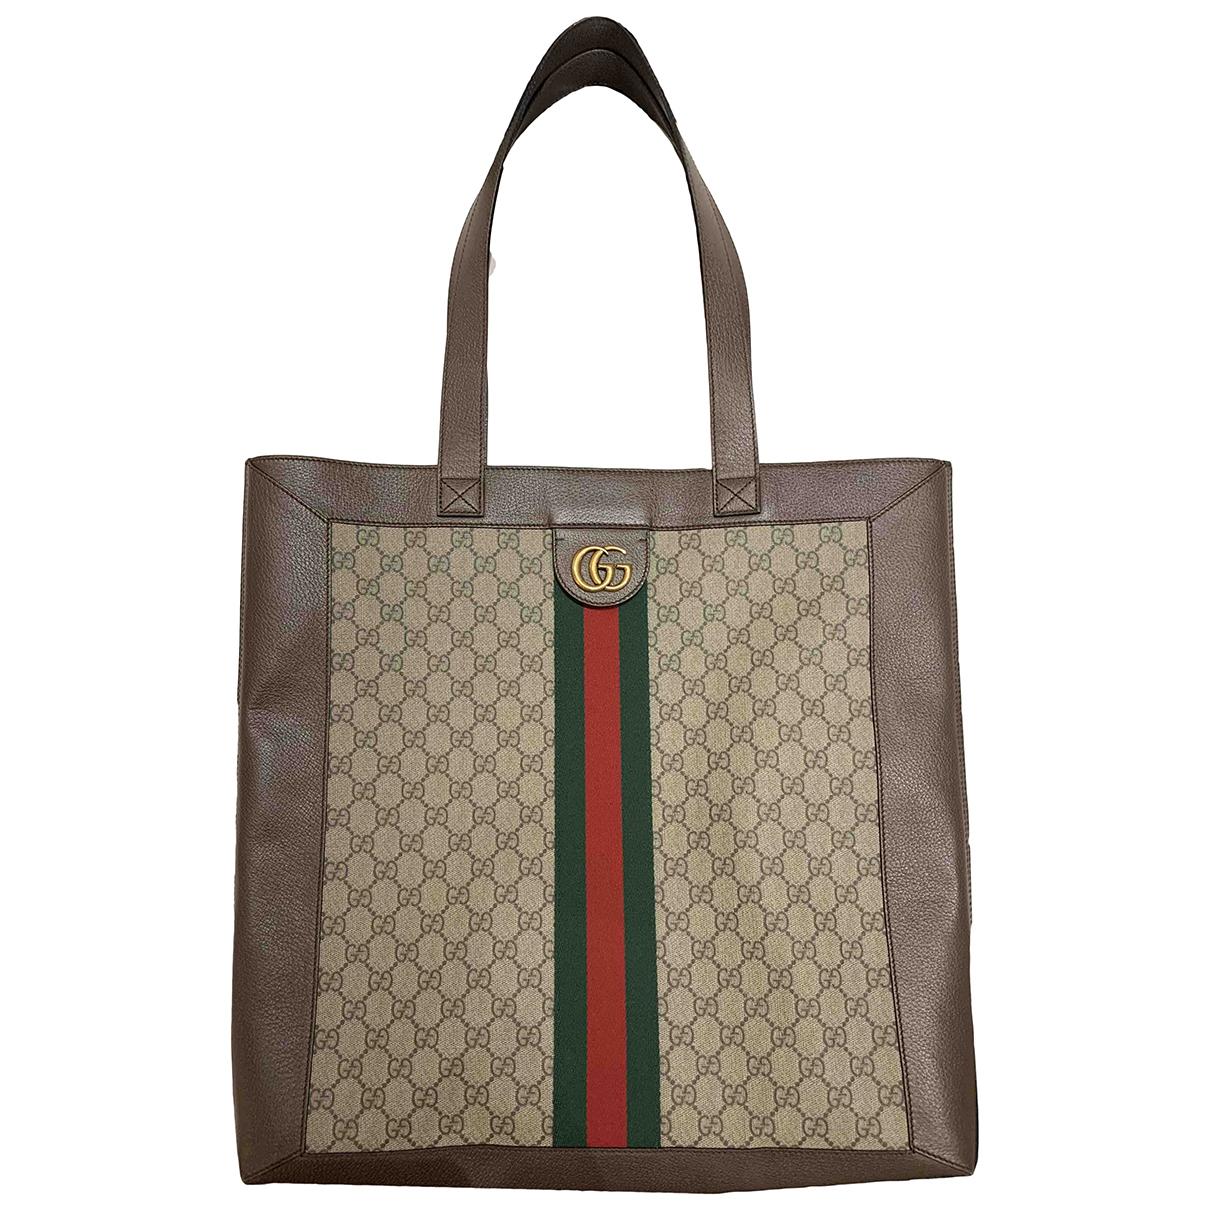 Gucci - Sac a main Ophidia pour femme en cuir - marron